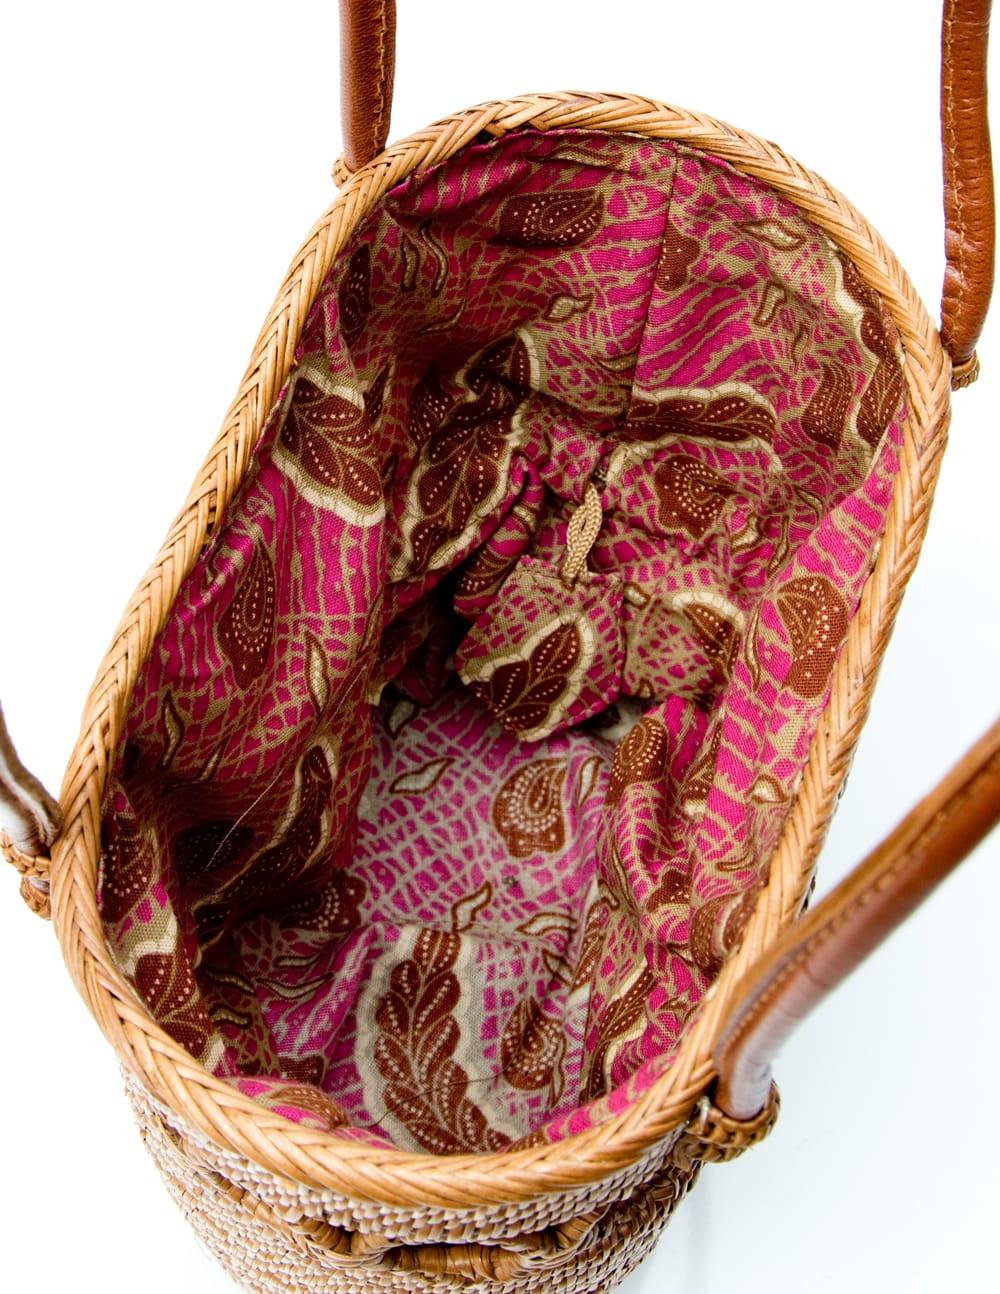 アタかご 巾着バッグ ココナッツボタン付き 発祥の地トゥガナン村で手作り【約19cm x 19.5cm】 11 - バッグの中です。見やすいように巾着を内側に入れて撮影しています。